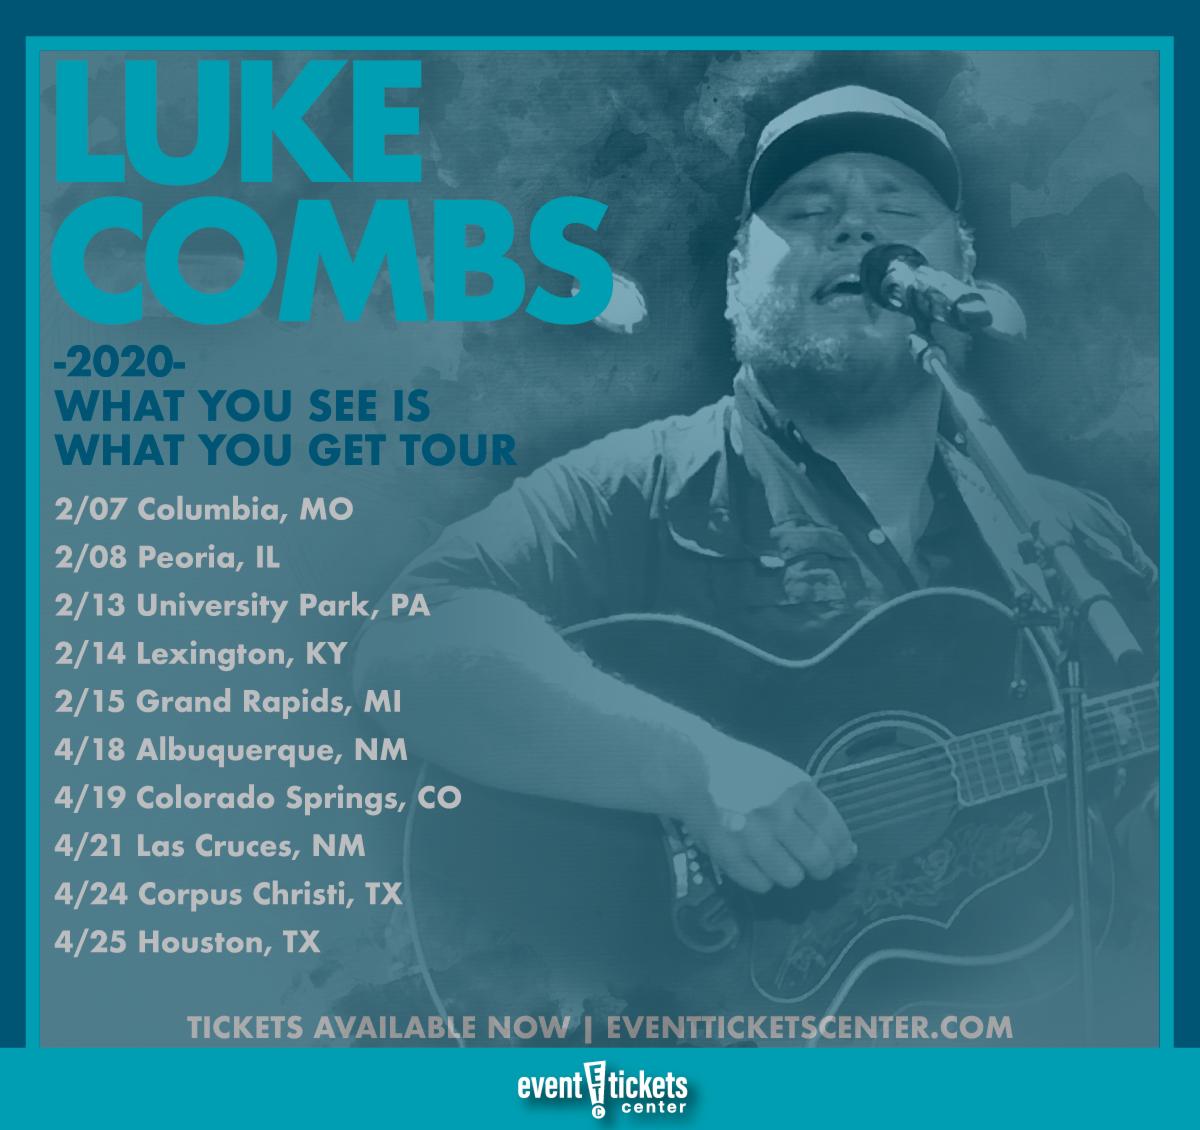 luke combs tour dates 2020